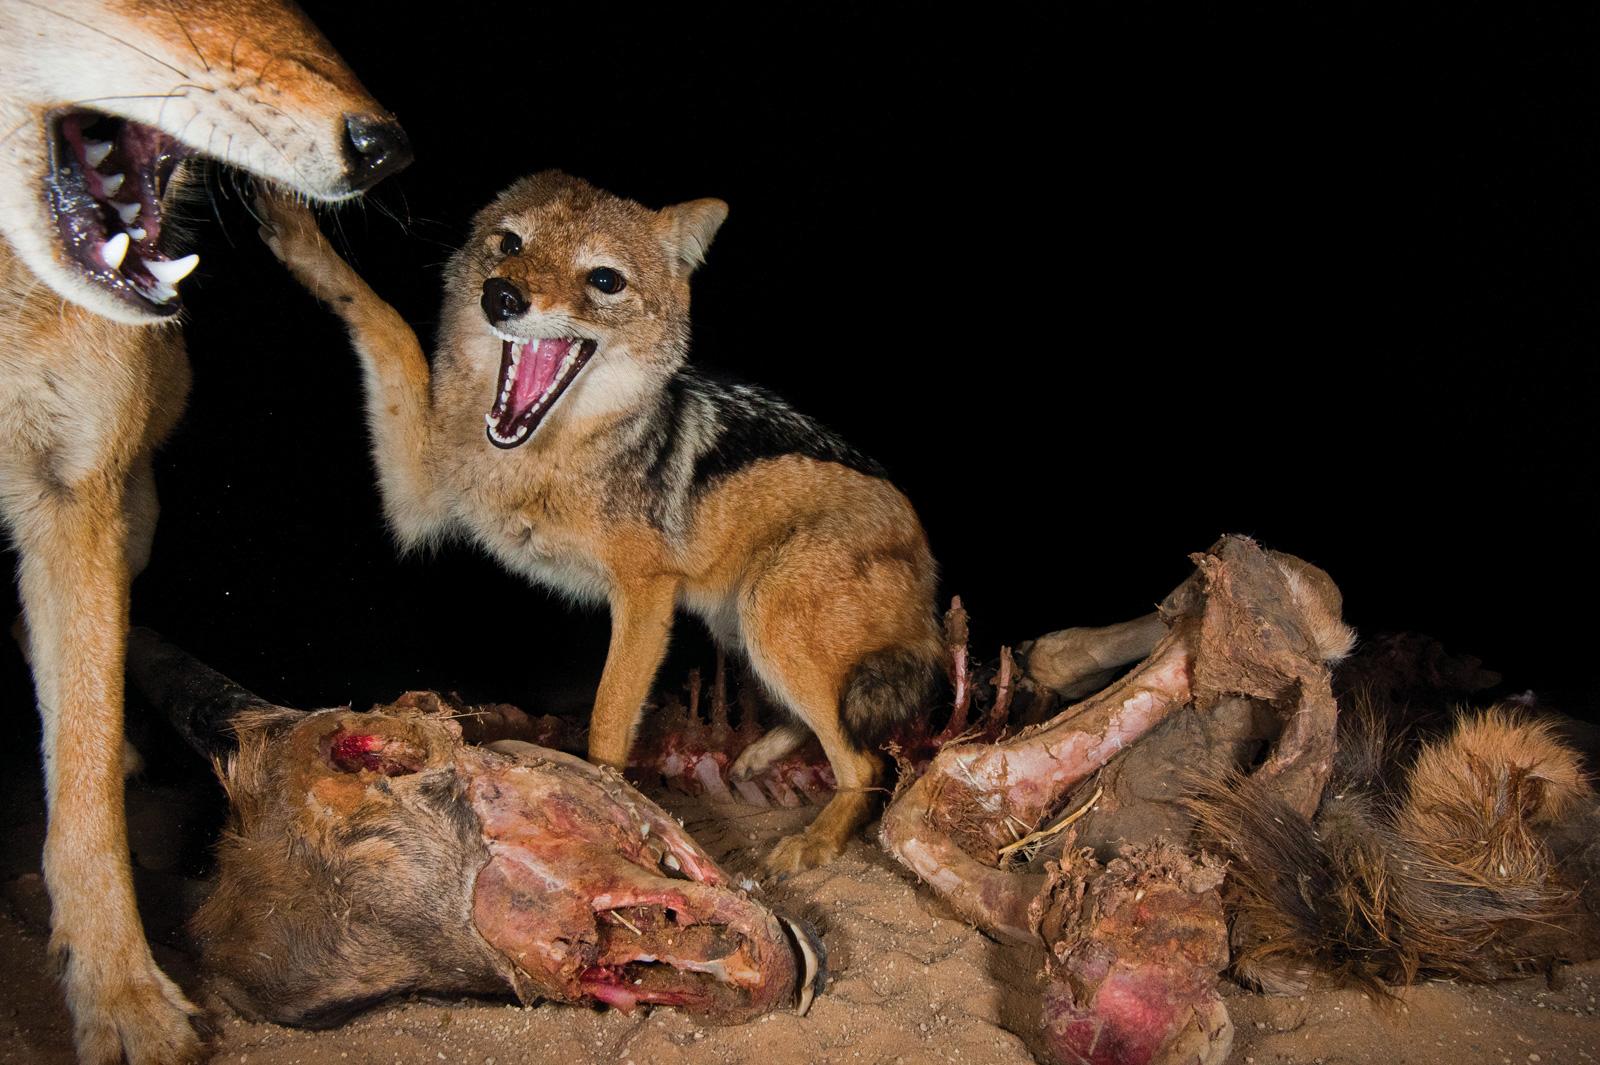 Hannes-Lochner-Kalahari-jackals-over-kill